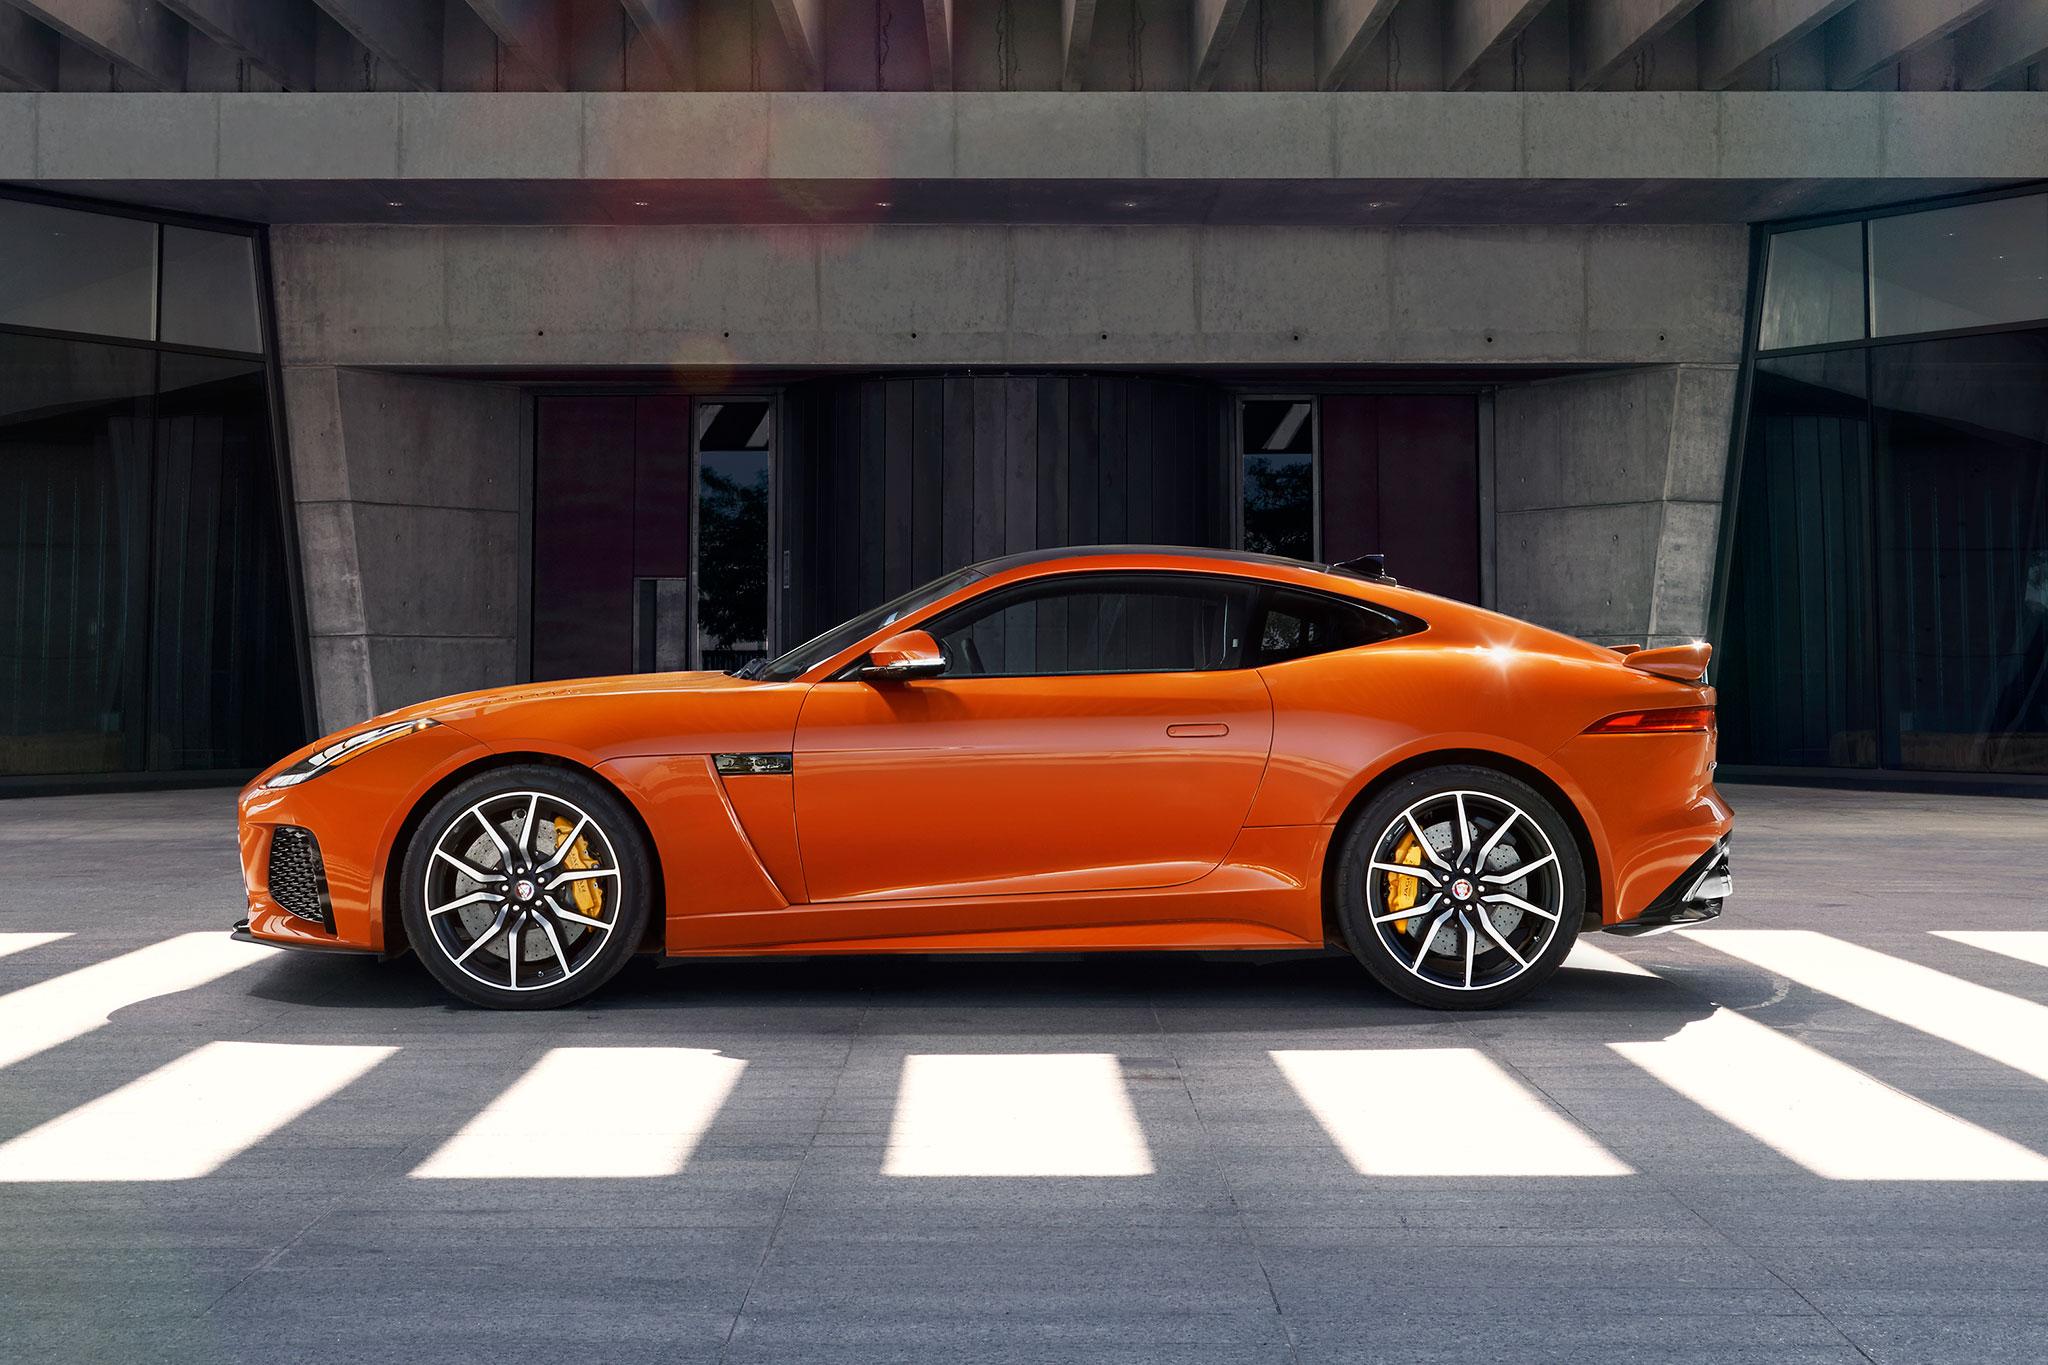 2017-jaguar-f-type-svr-side-profile-01